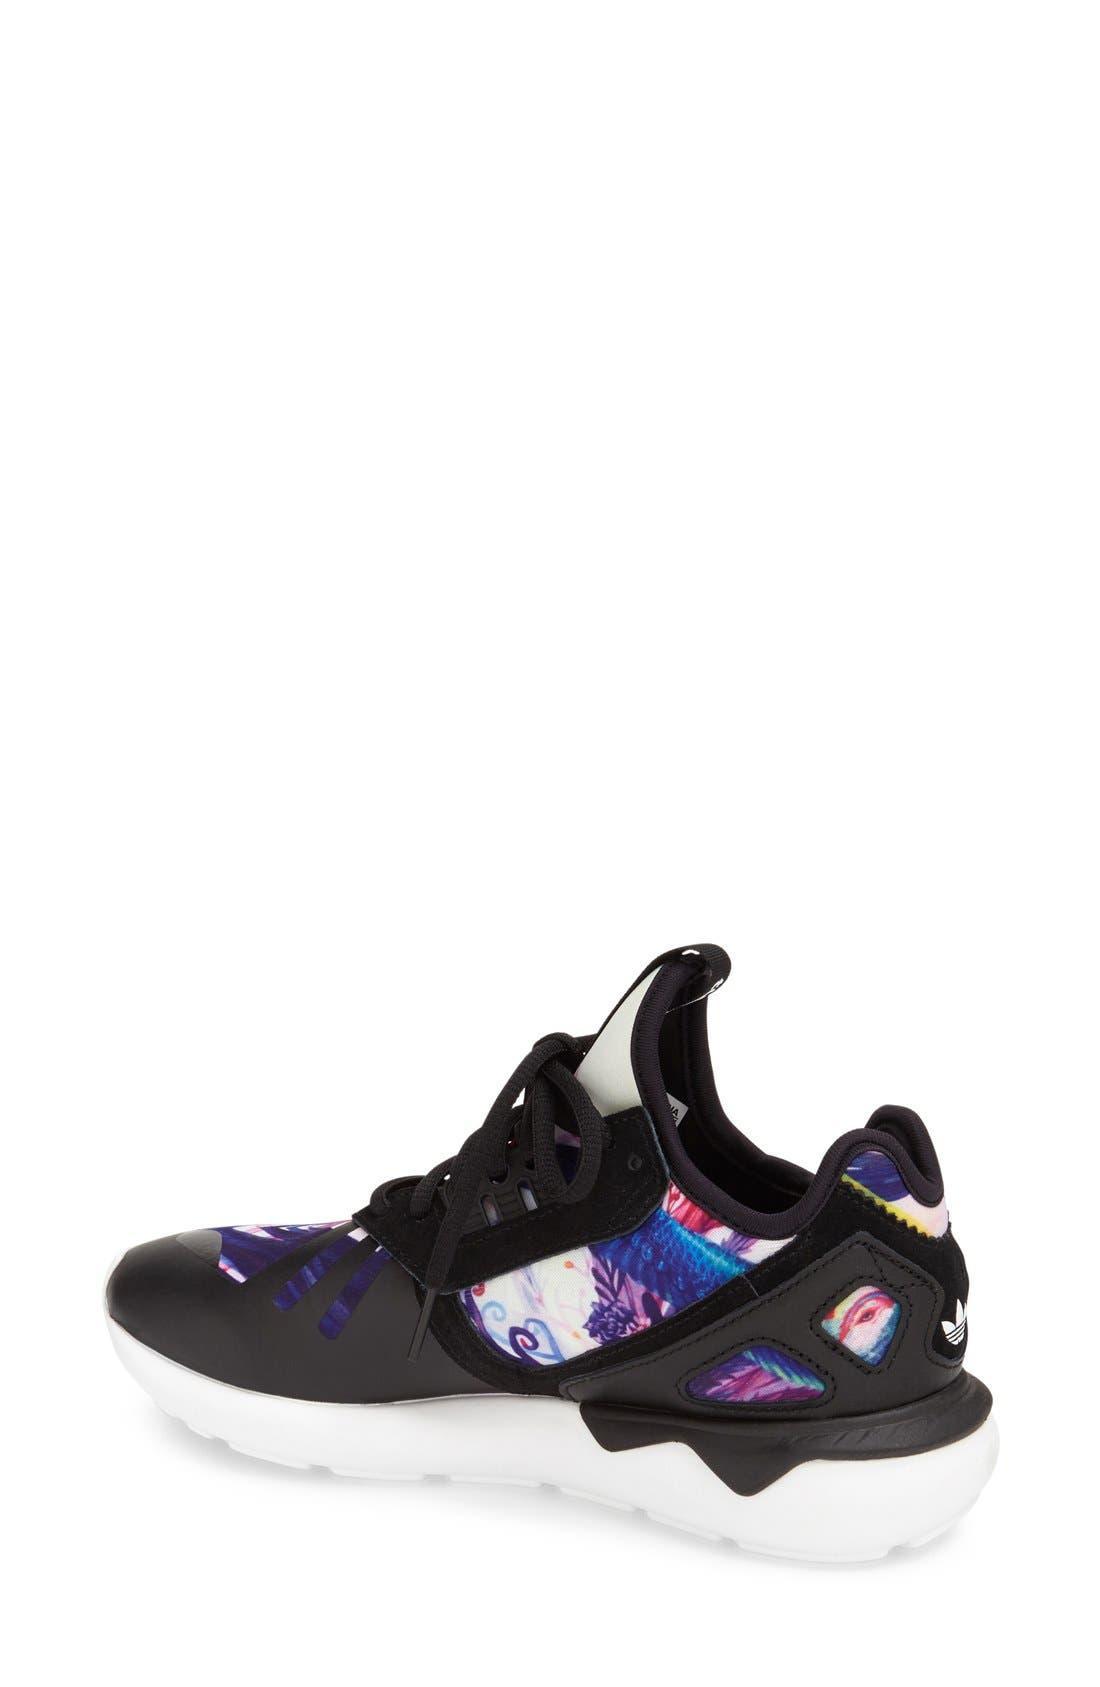 Alternate Image 2  - adidas 'Tubular Runner' Sneaker (Women)